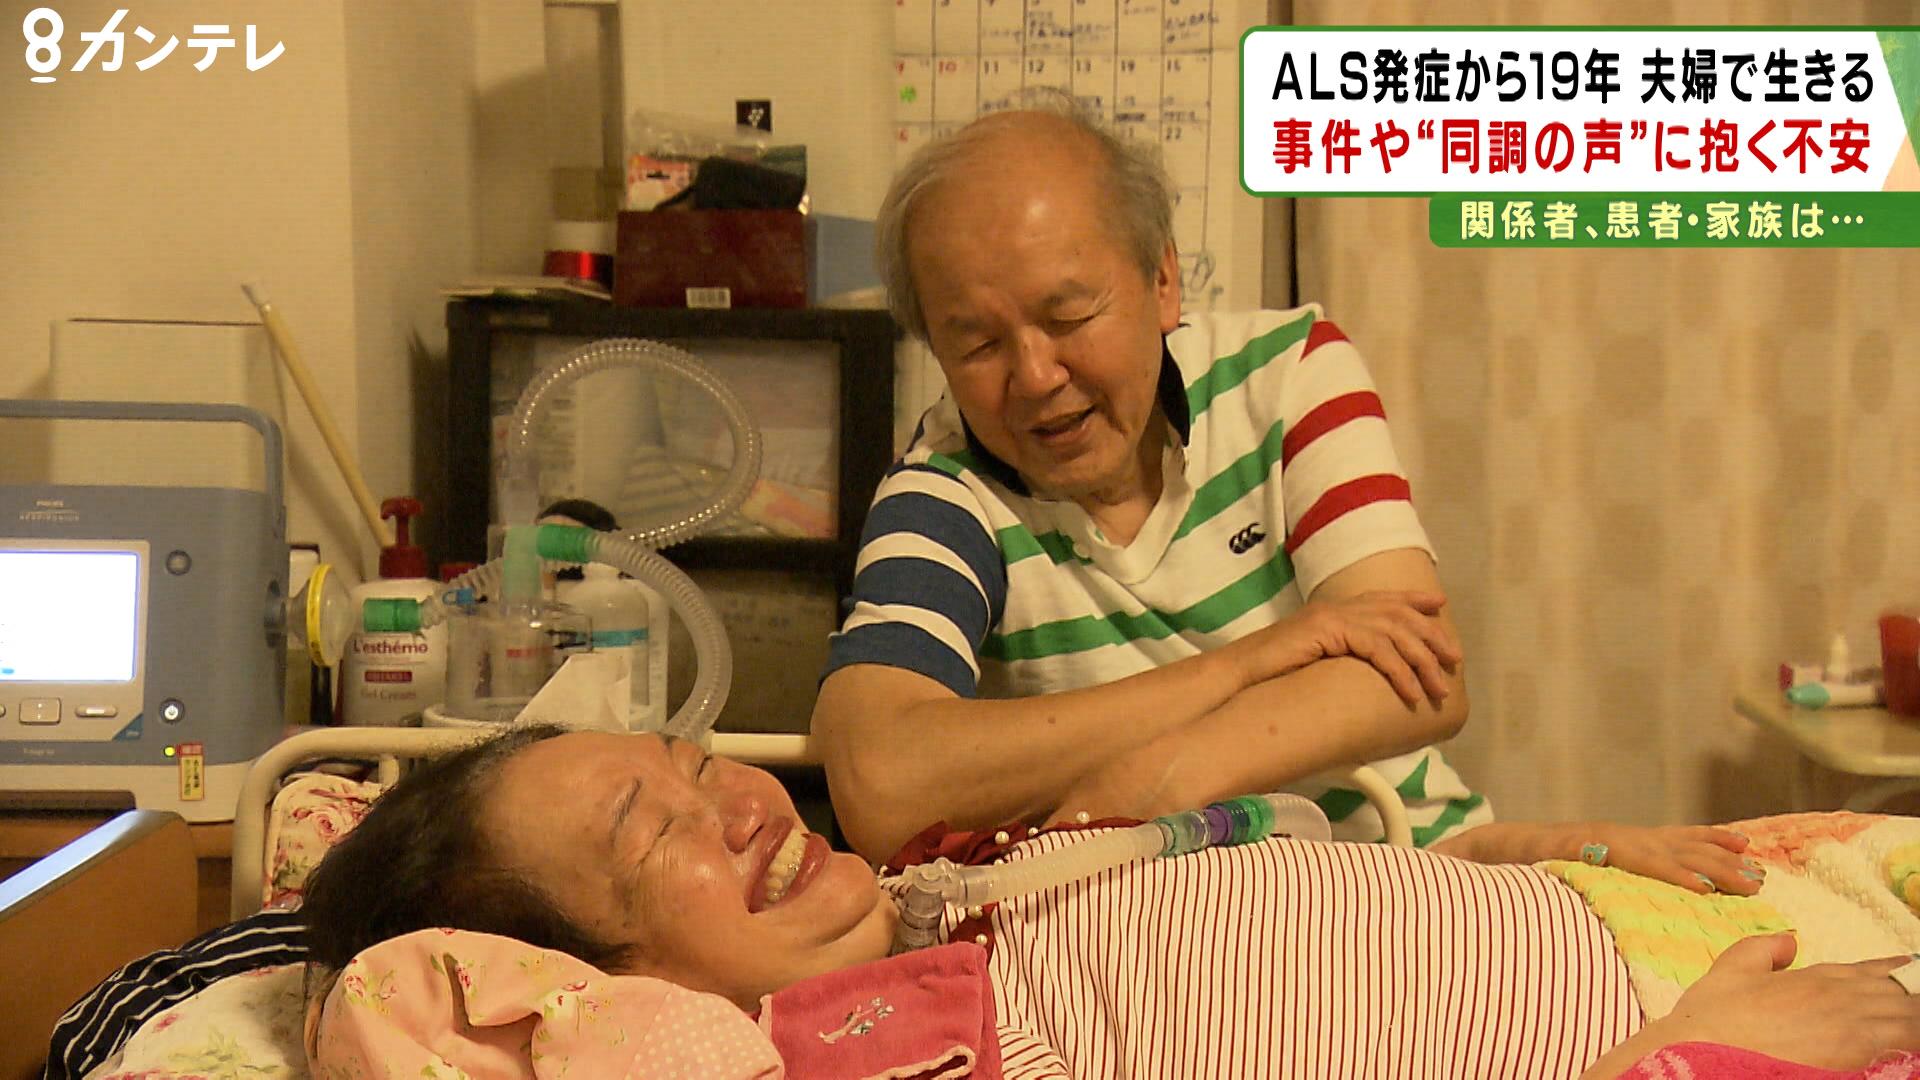 """ALS発症から19年…夫婦で生きる """"嘱託殺人事件""""受け、患者や家族が抱く「不安」"""